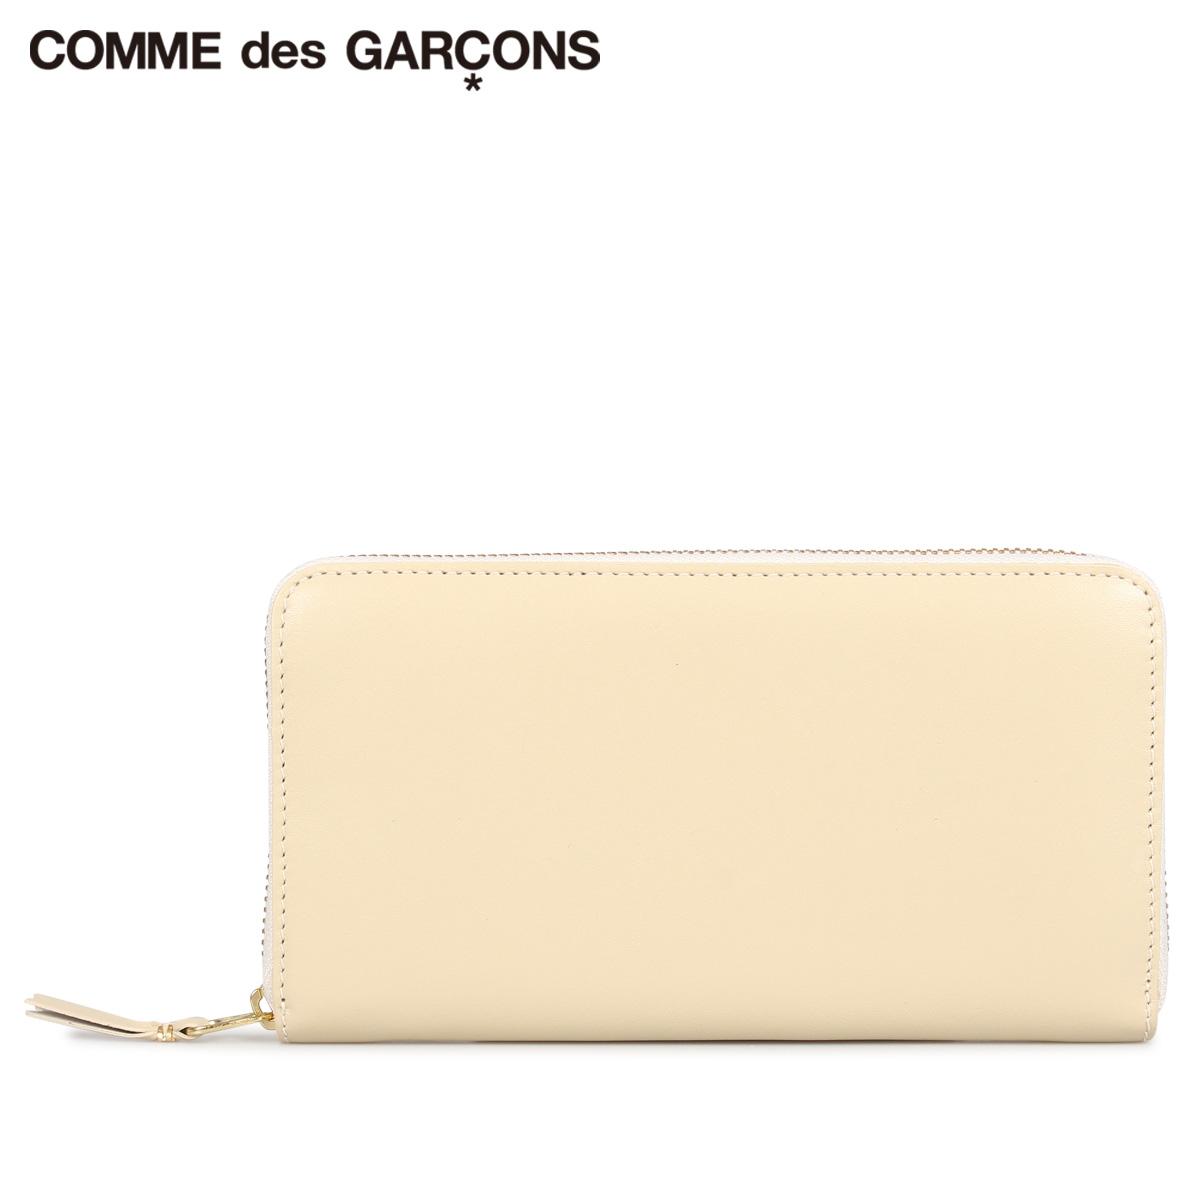 コムデギャルソン COMME des GARCONS 財布 長財布 メンズ レディース ラウンドファスナー 本革 CLASSIC WALLET オフ ホワイト SA0111